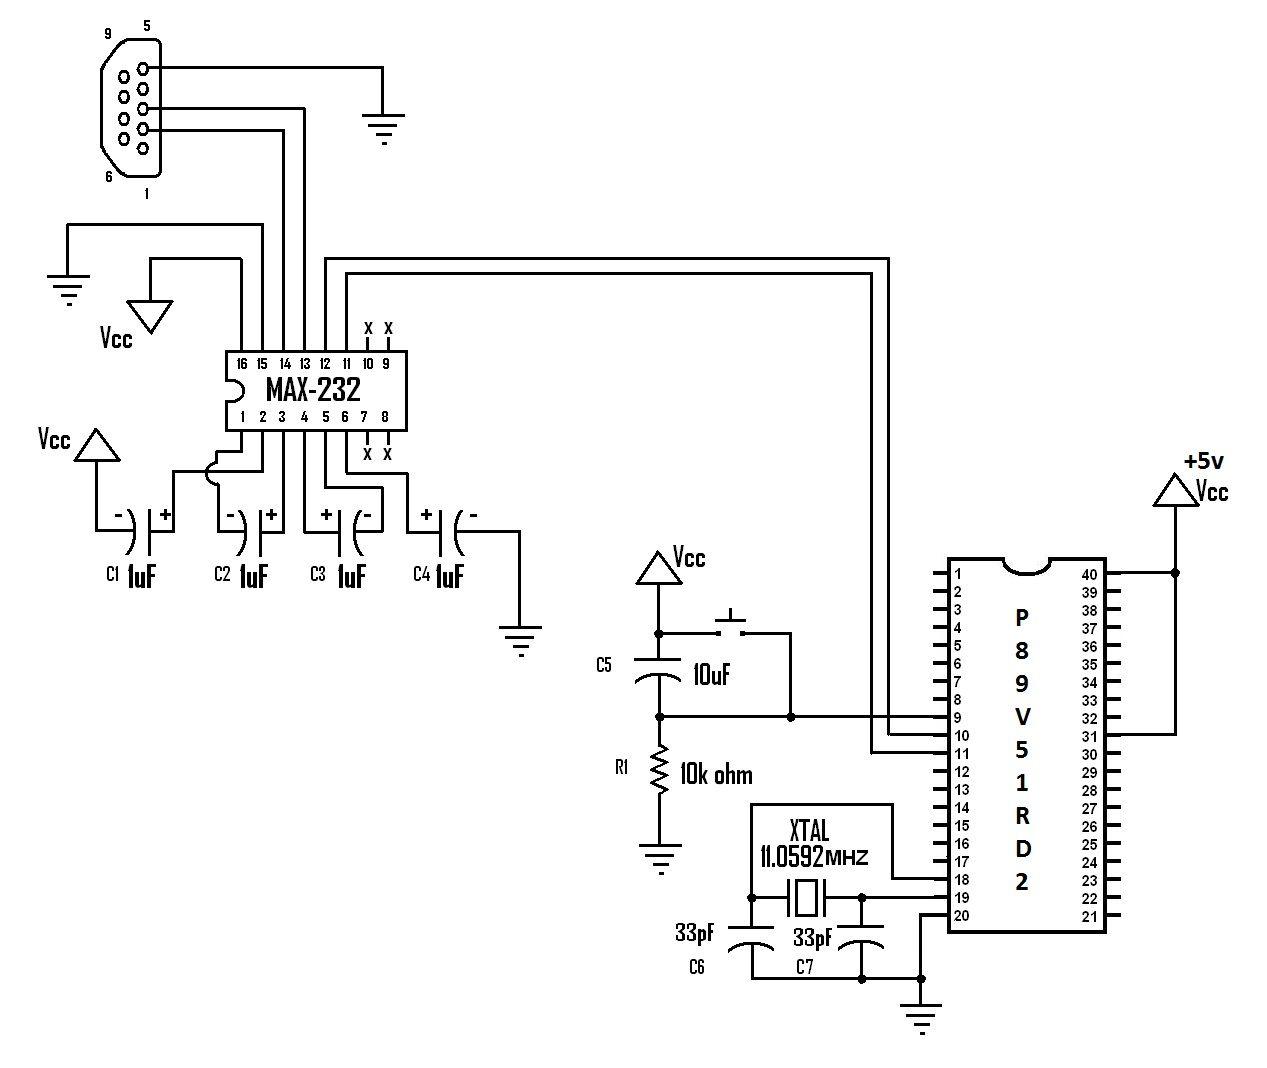 p89v51rd2 programmer things for home floor plans, diagramp89v51rd2 programmer floor plans, website, diagram, house floor plans, floor plan drawing